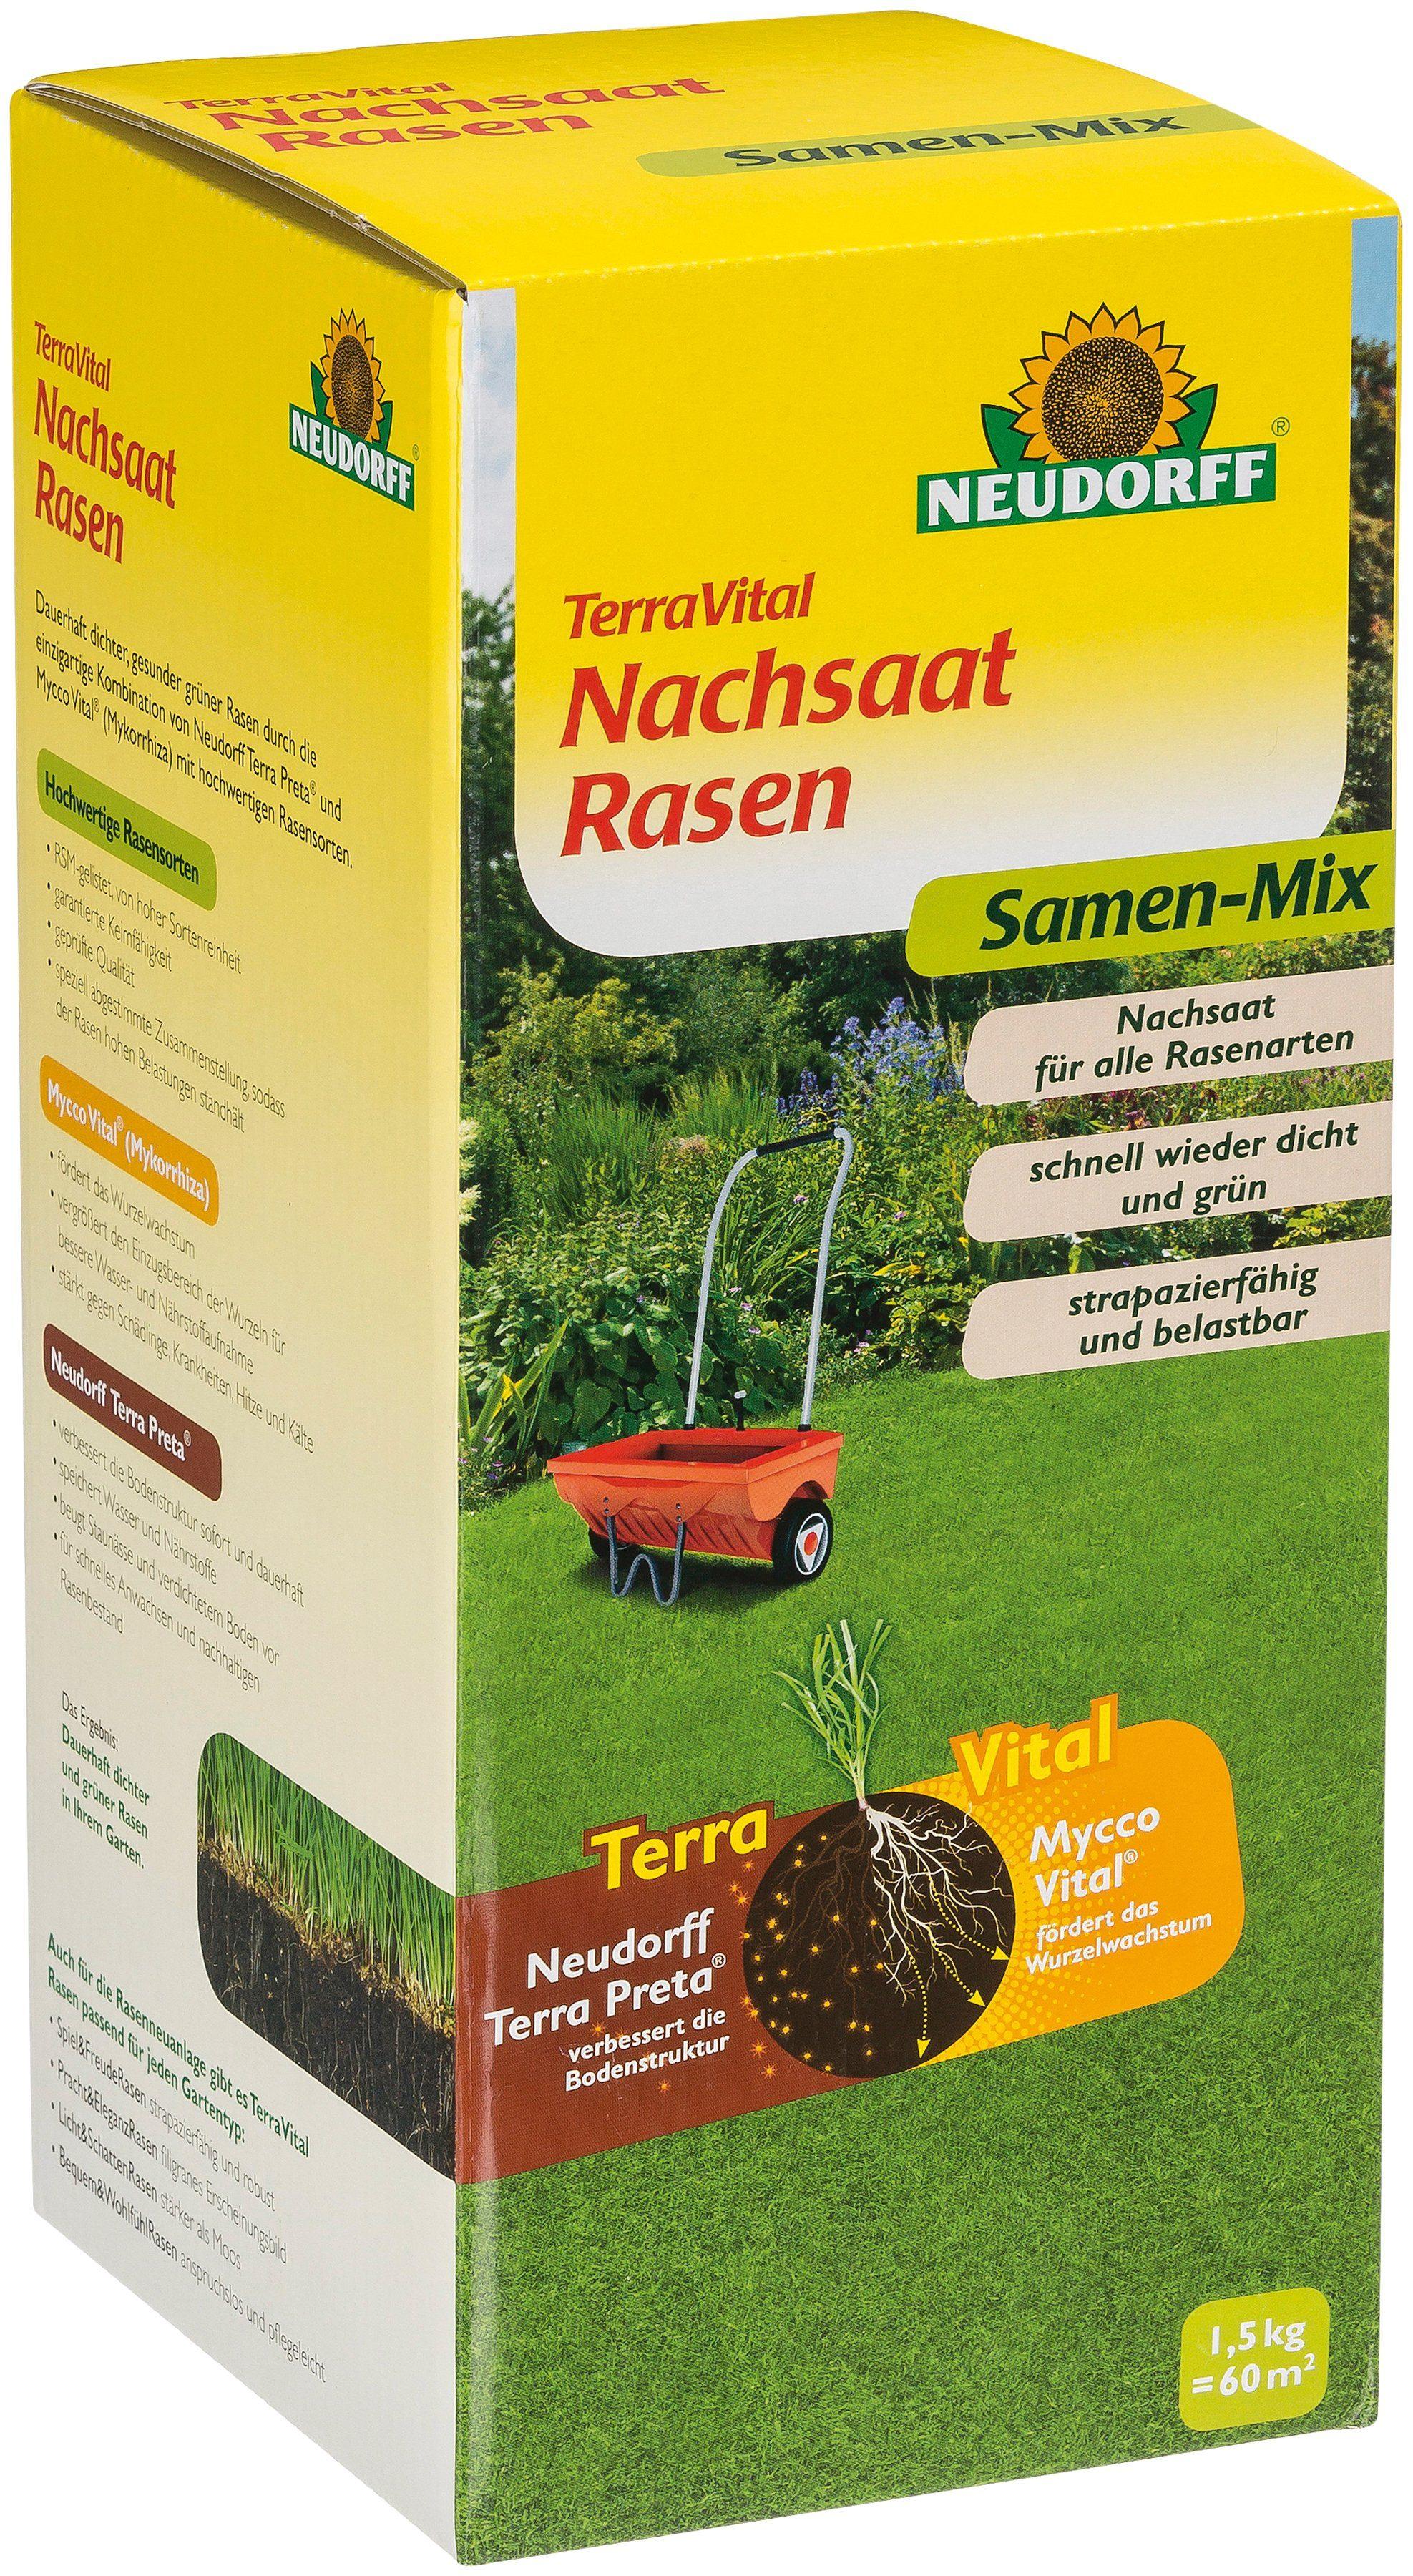 NEUDORFF Nachsaatrasen »TerraVital«, 1,5 kg